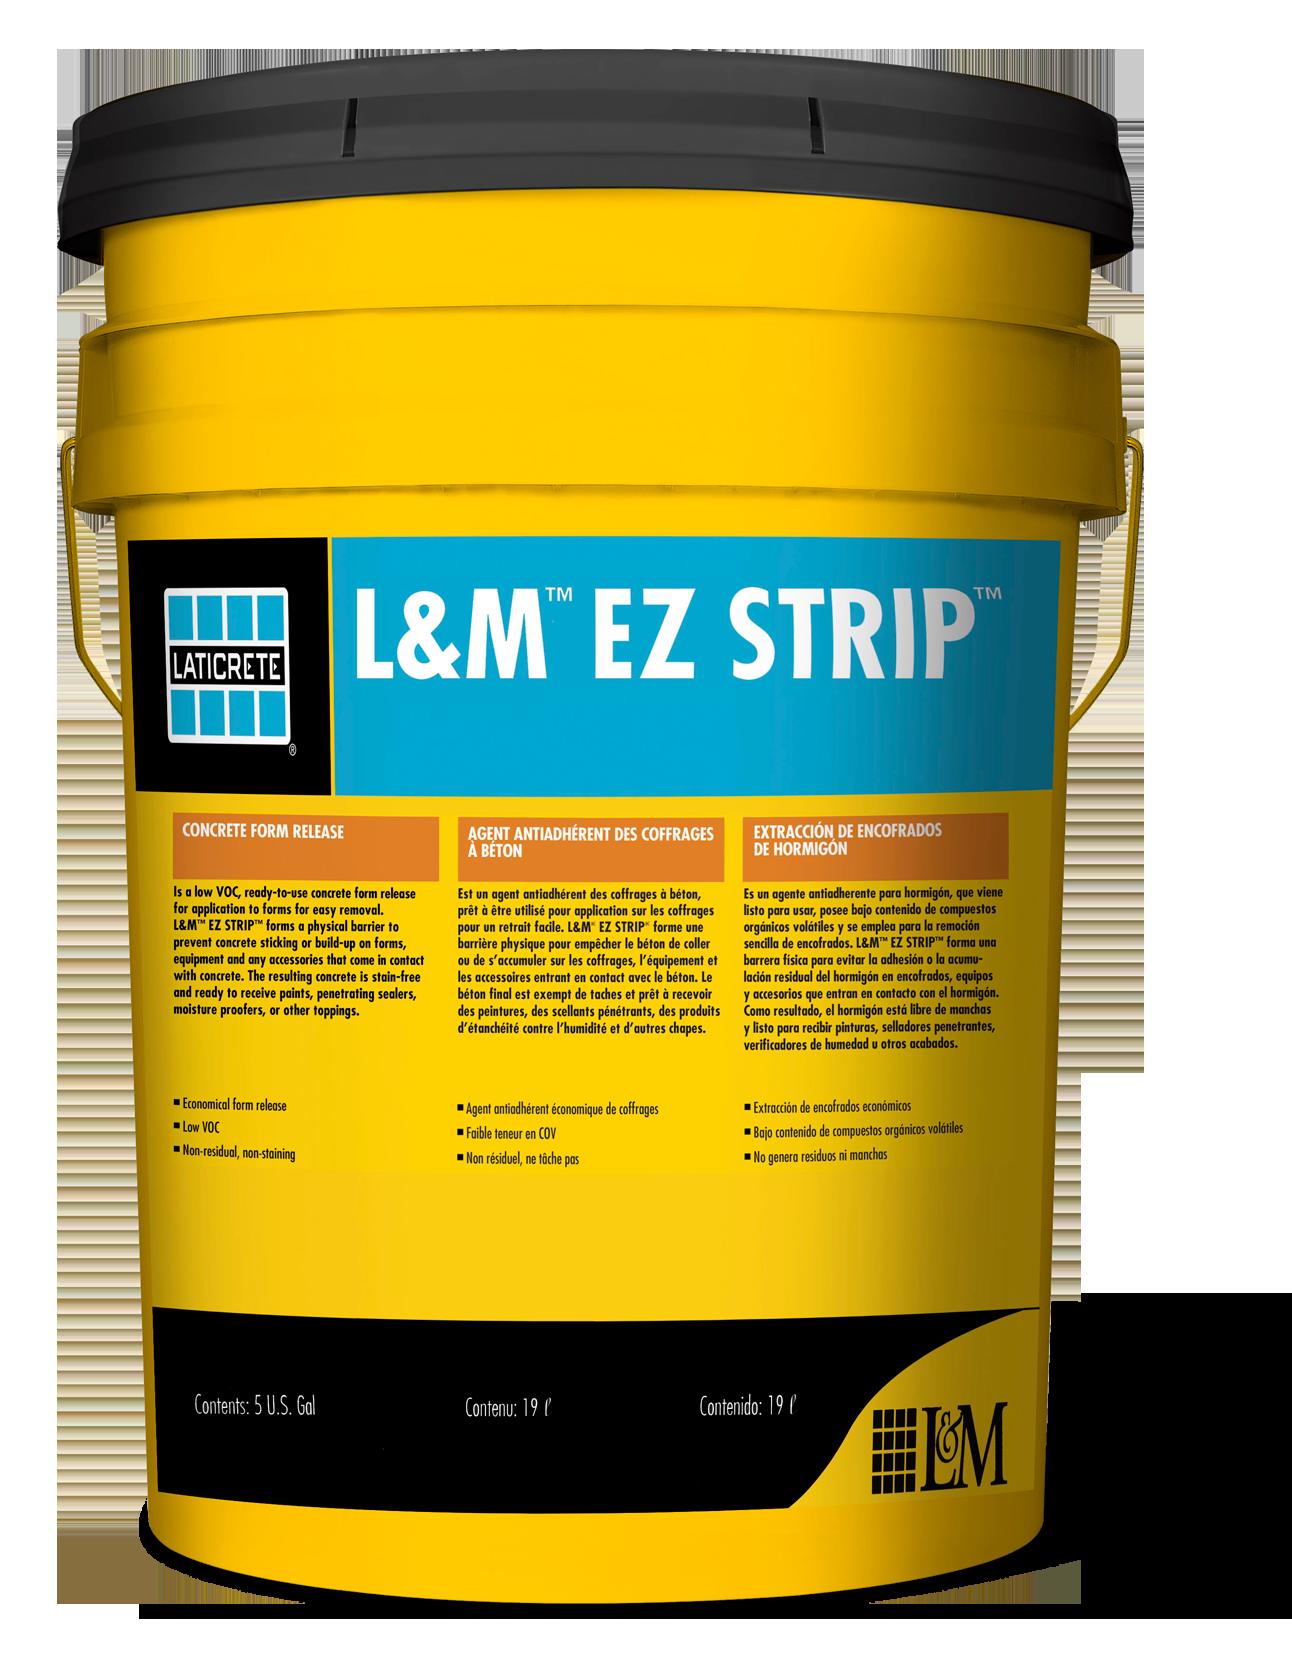 E-Z Strip